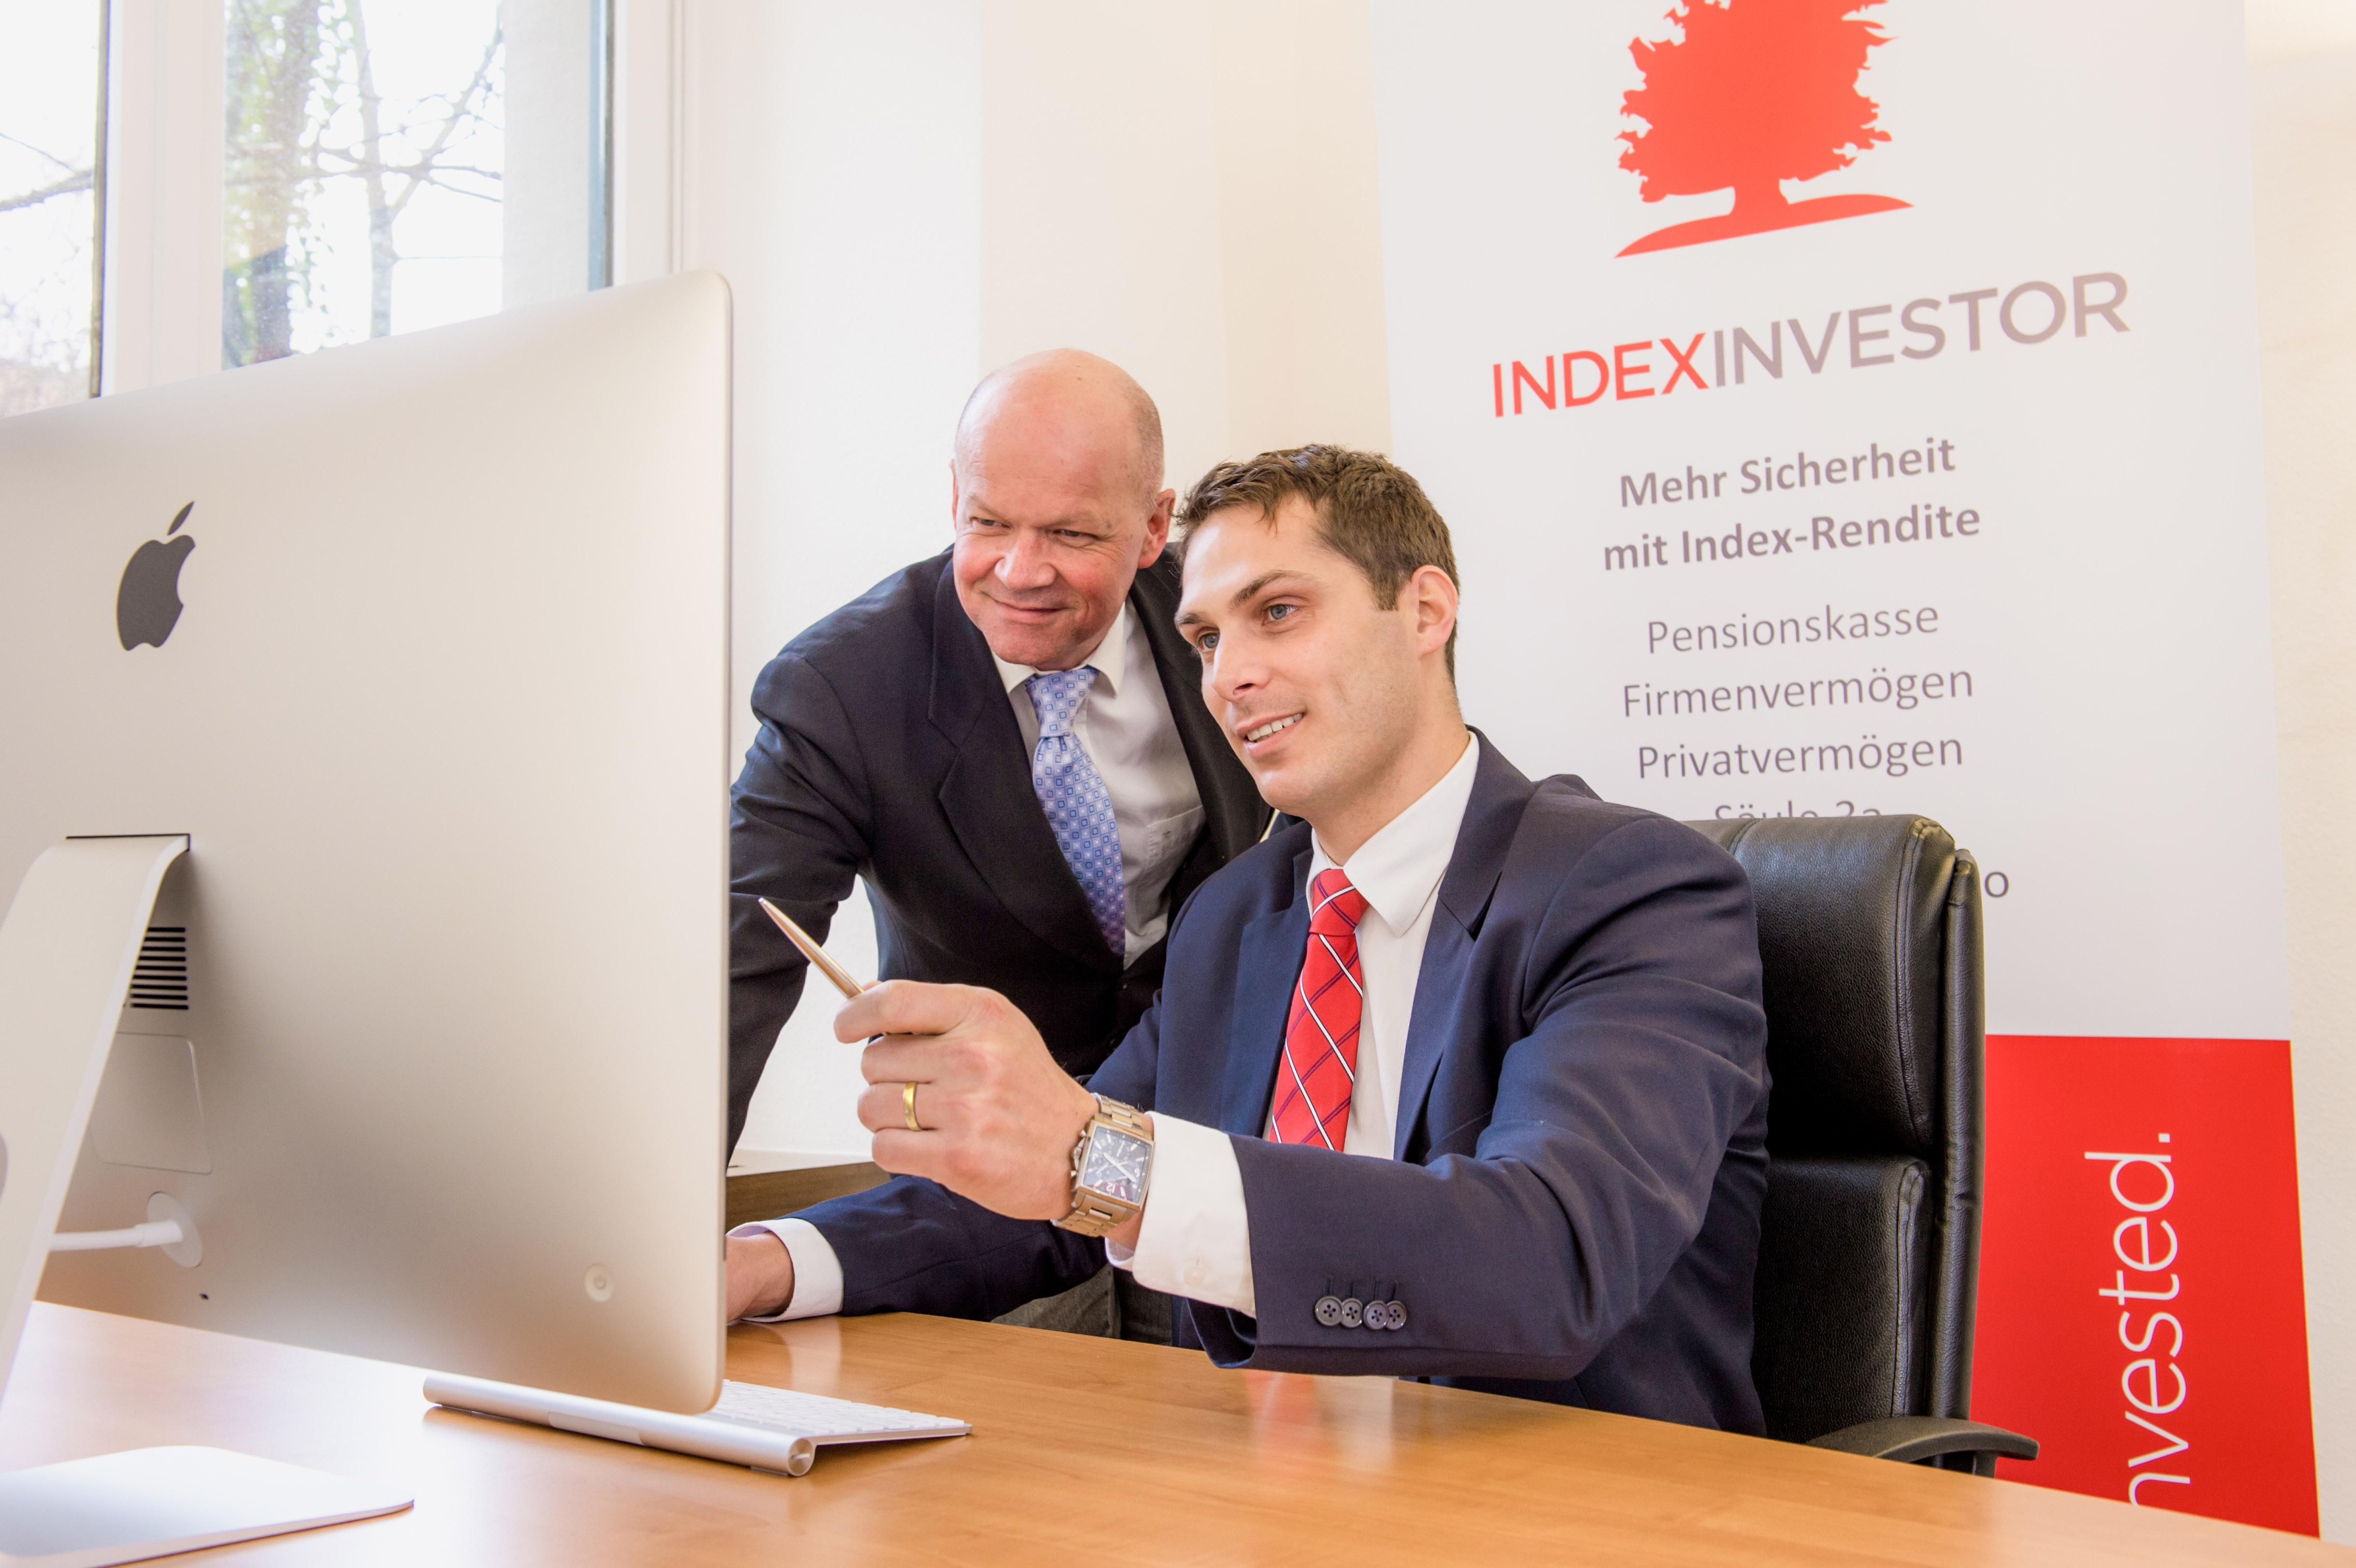 Evidence-Based Wealth Management